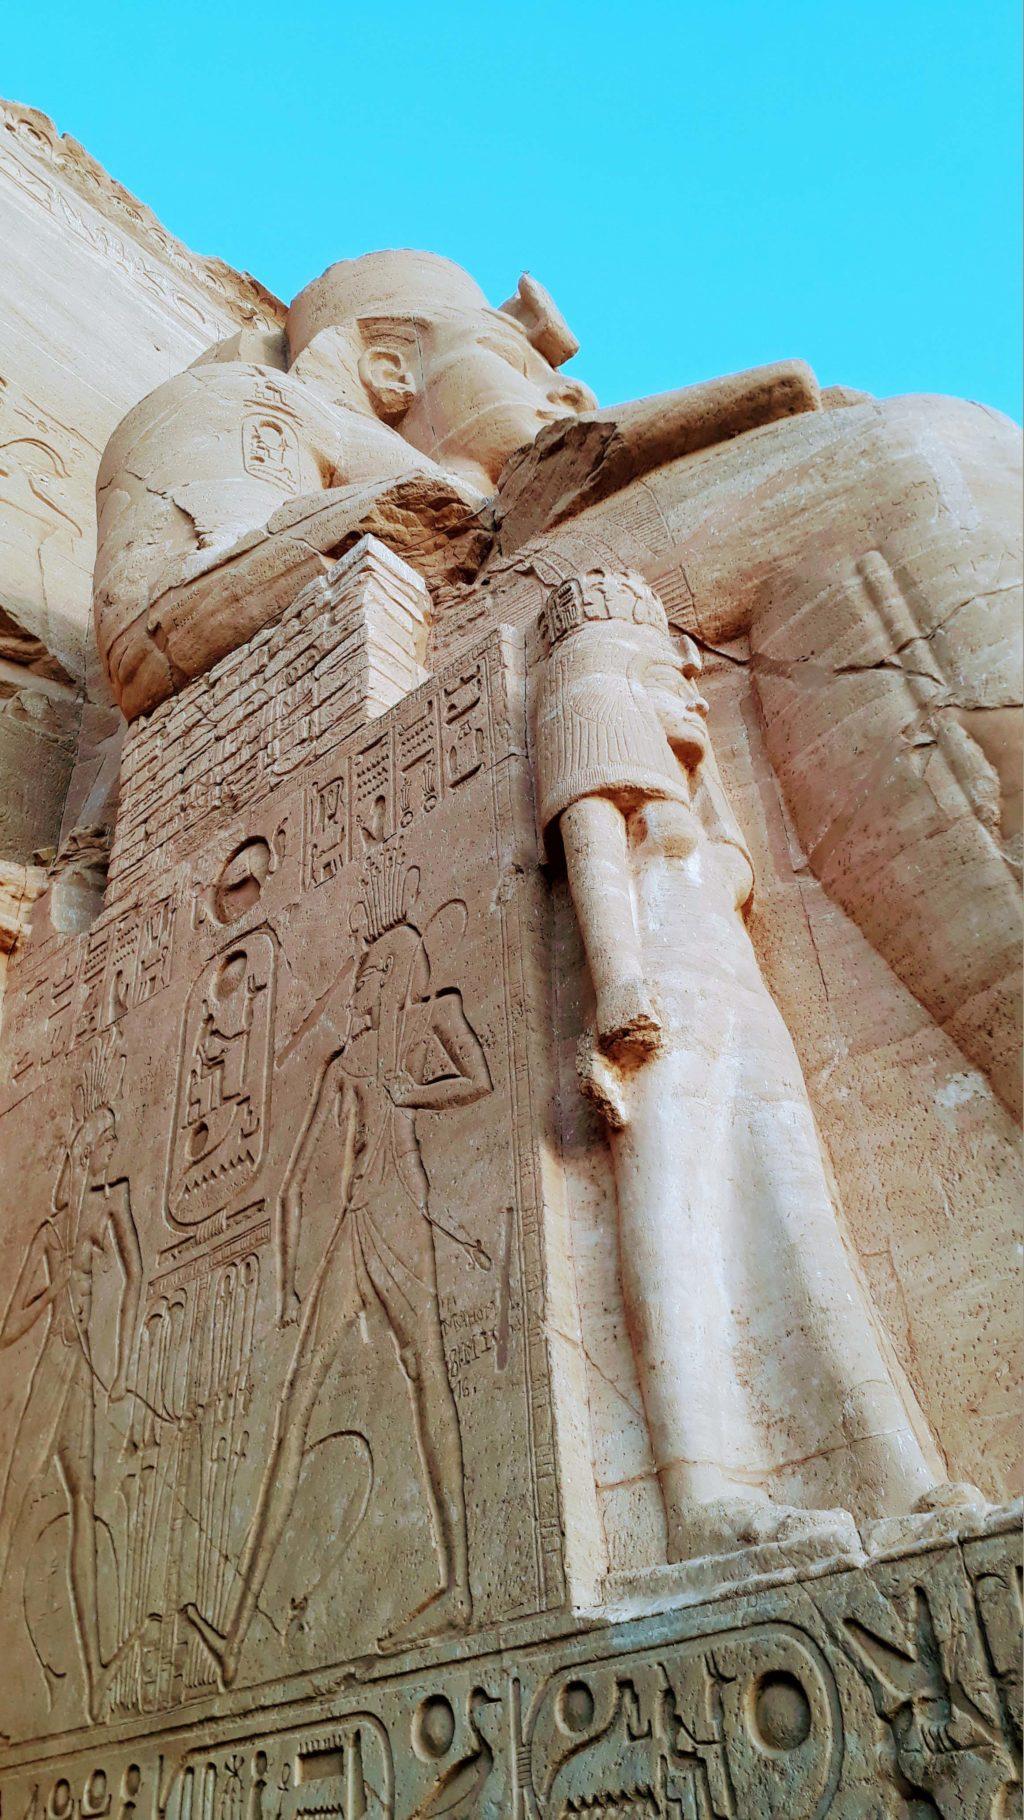 Statue von Ramses II. und seiner Frau Nefertari, die ihm nicht einmal zum Knie reicht